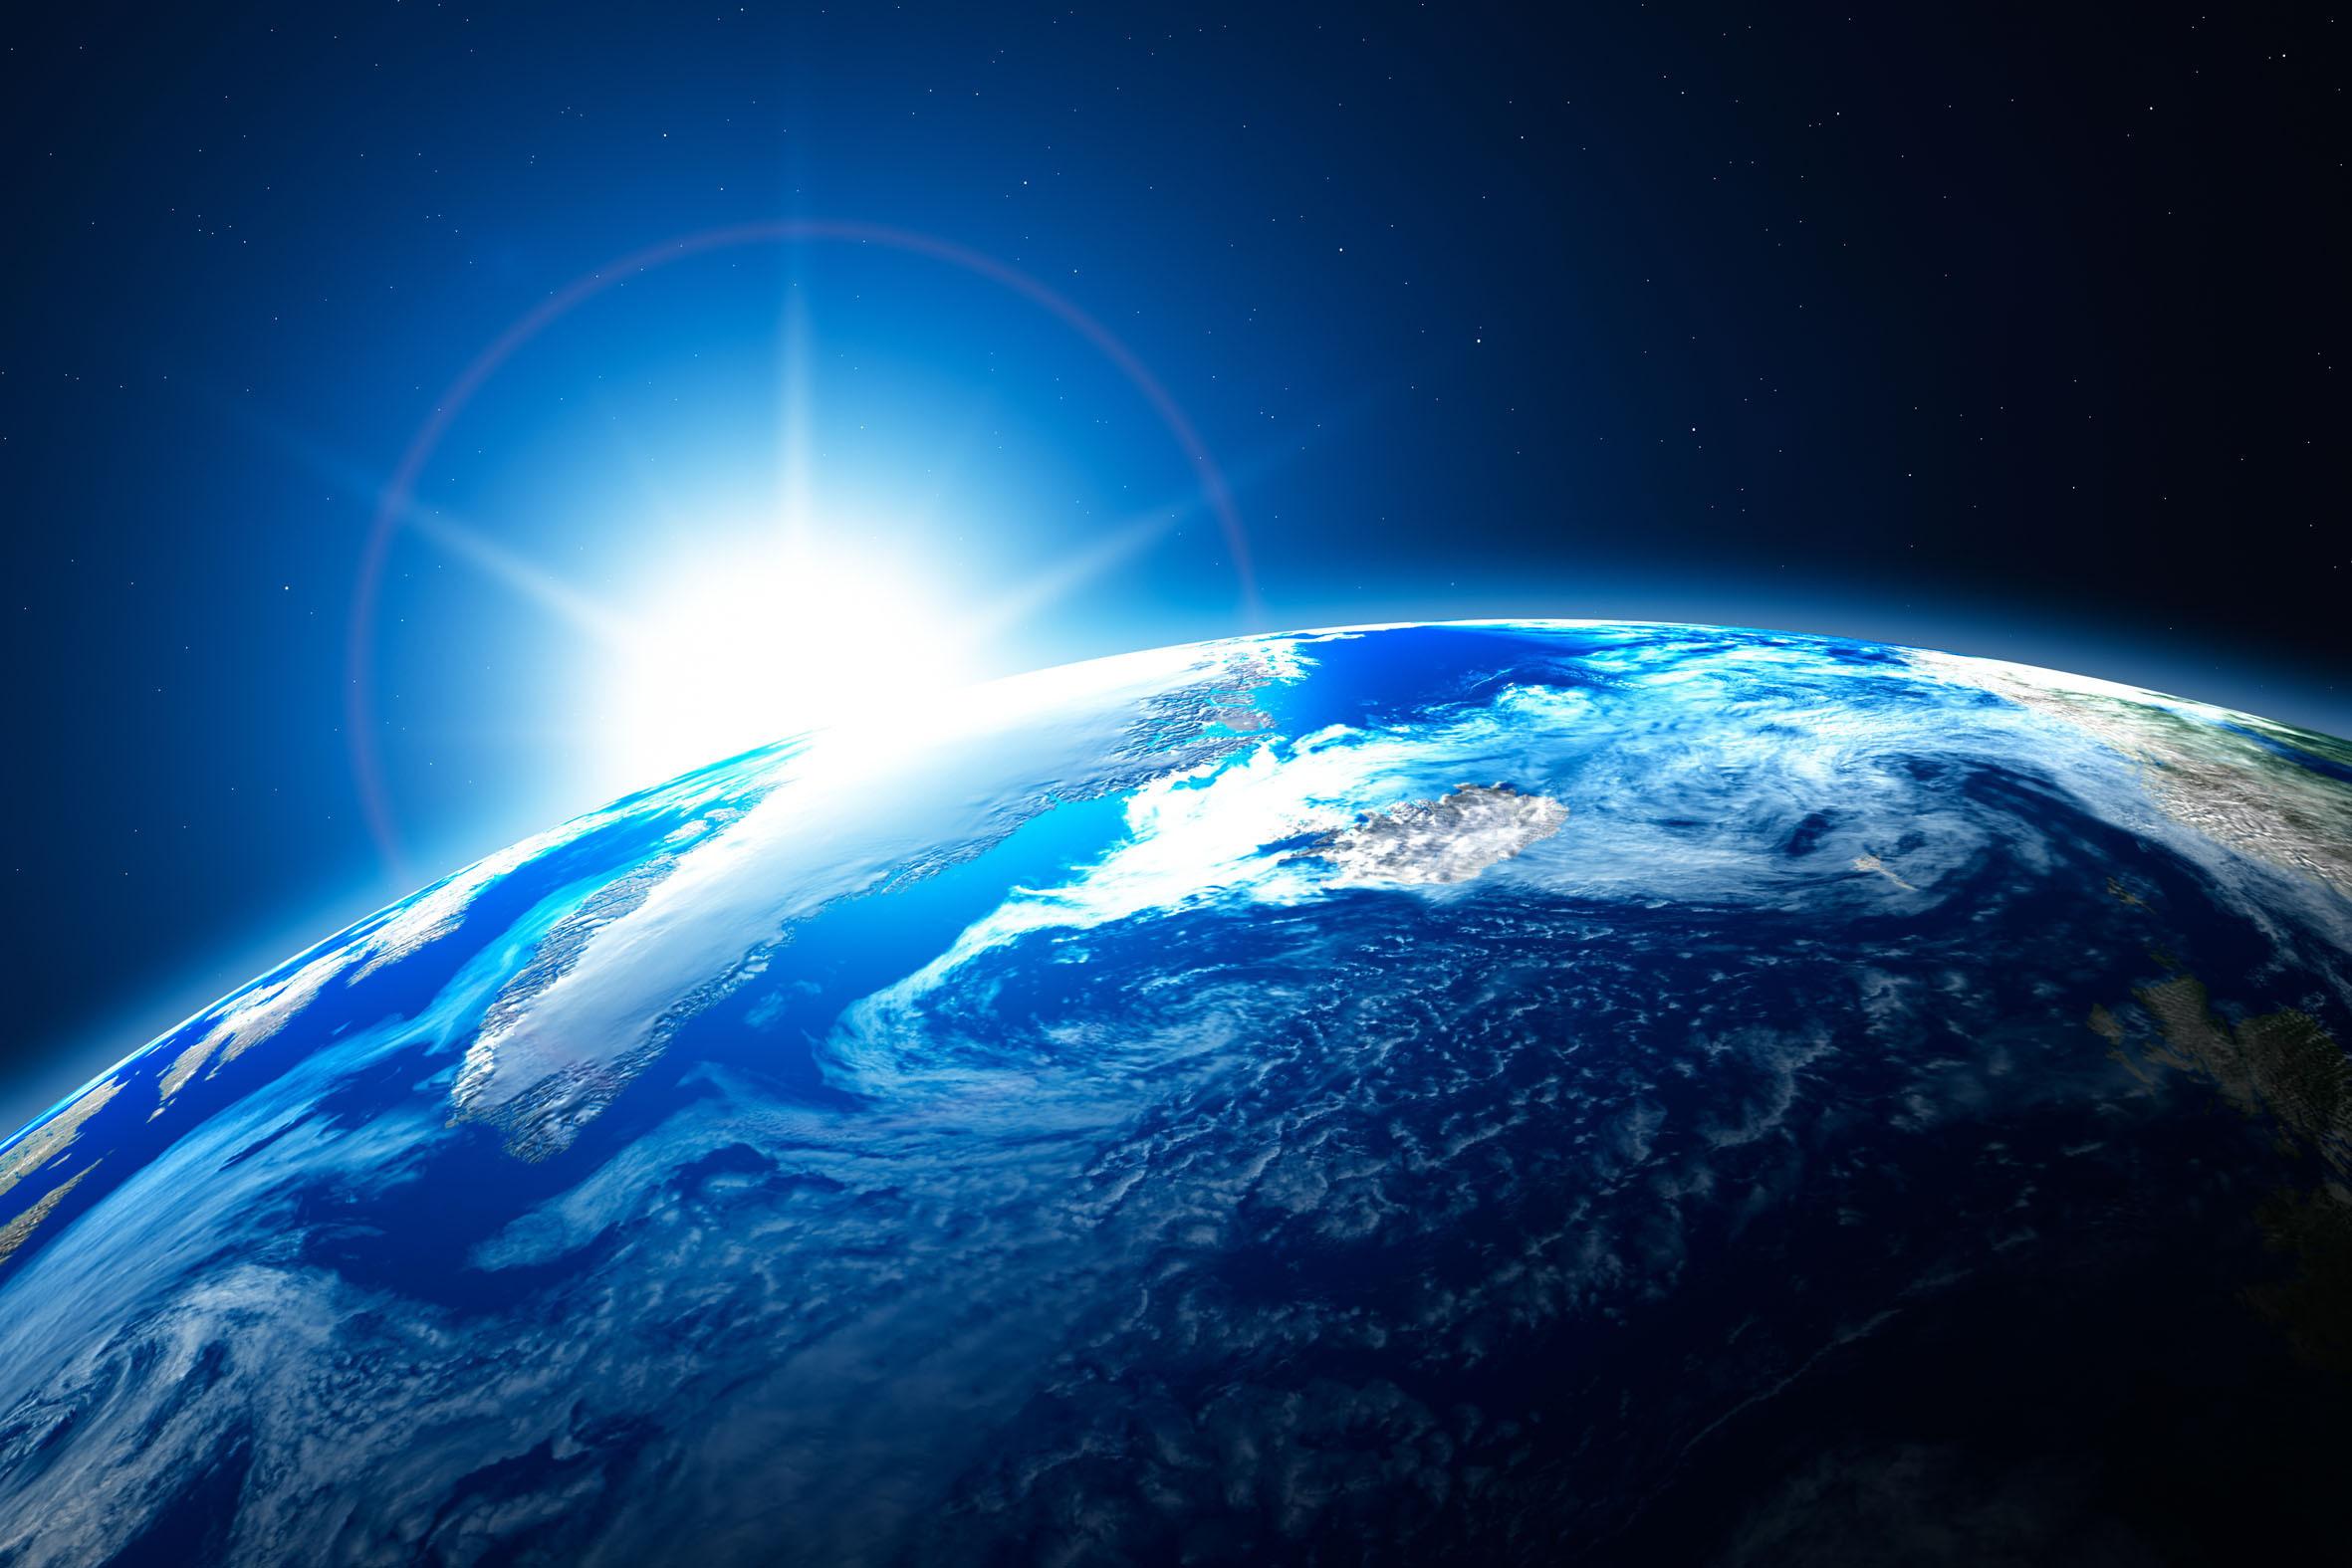 настоящее фото из космоса земли учетом того